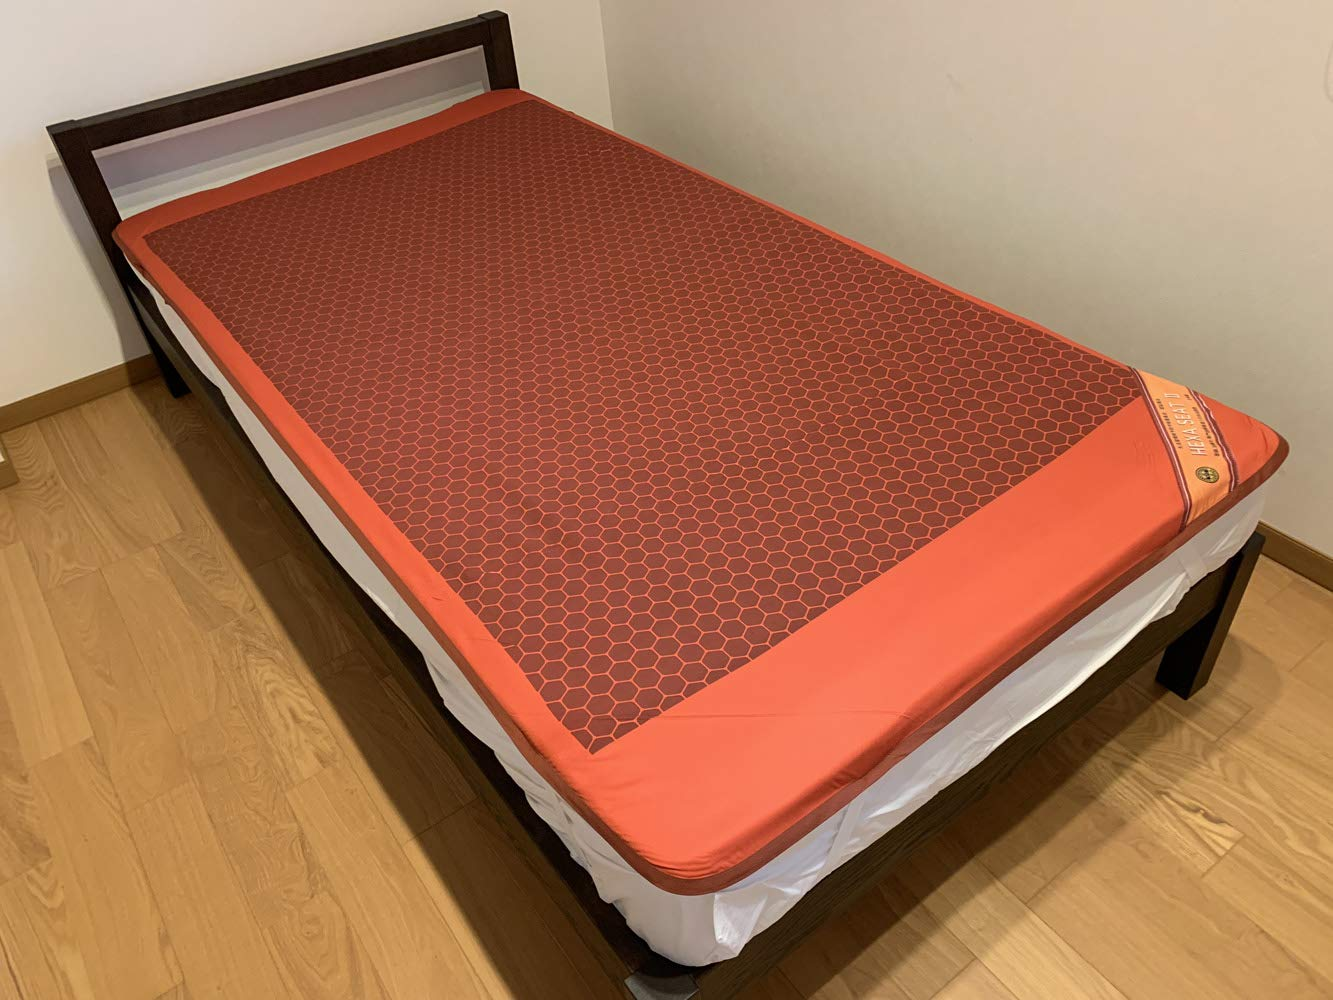 ベッド シート 布団 カバー ホルミシス 健康 睡眠 快眠シート アスリートタイプ ヘキサシートⅡ (100×200 cm) B07RRNMSRD  100×200 cm